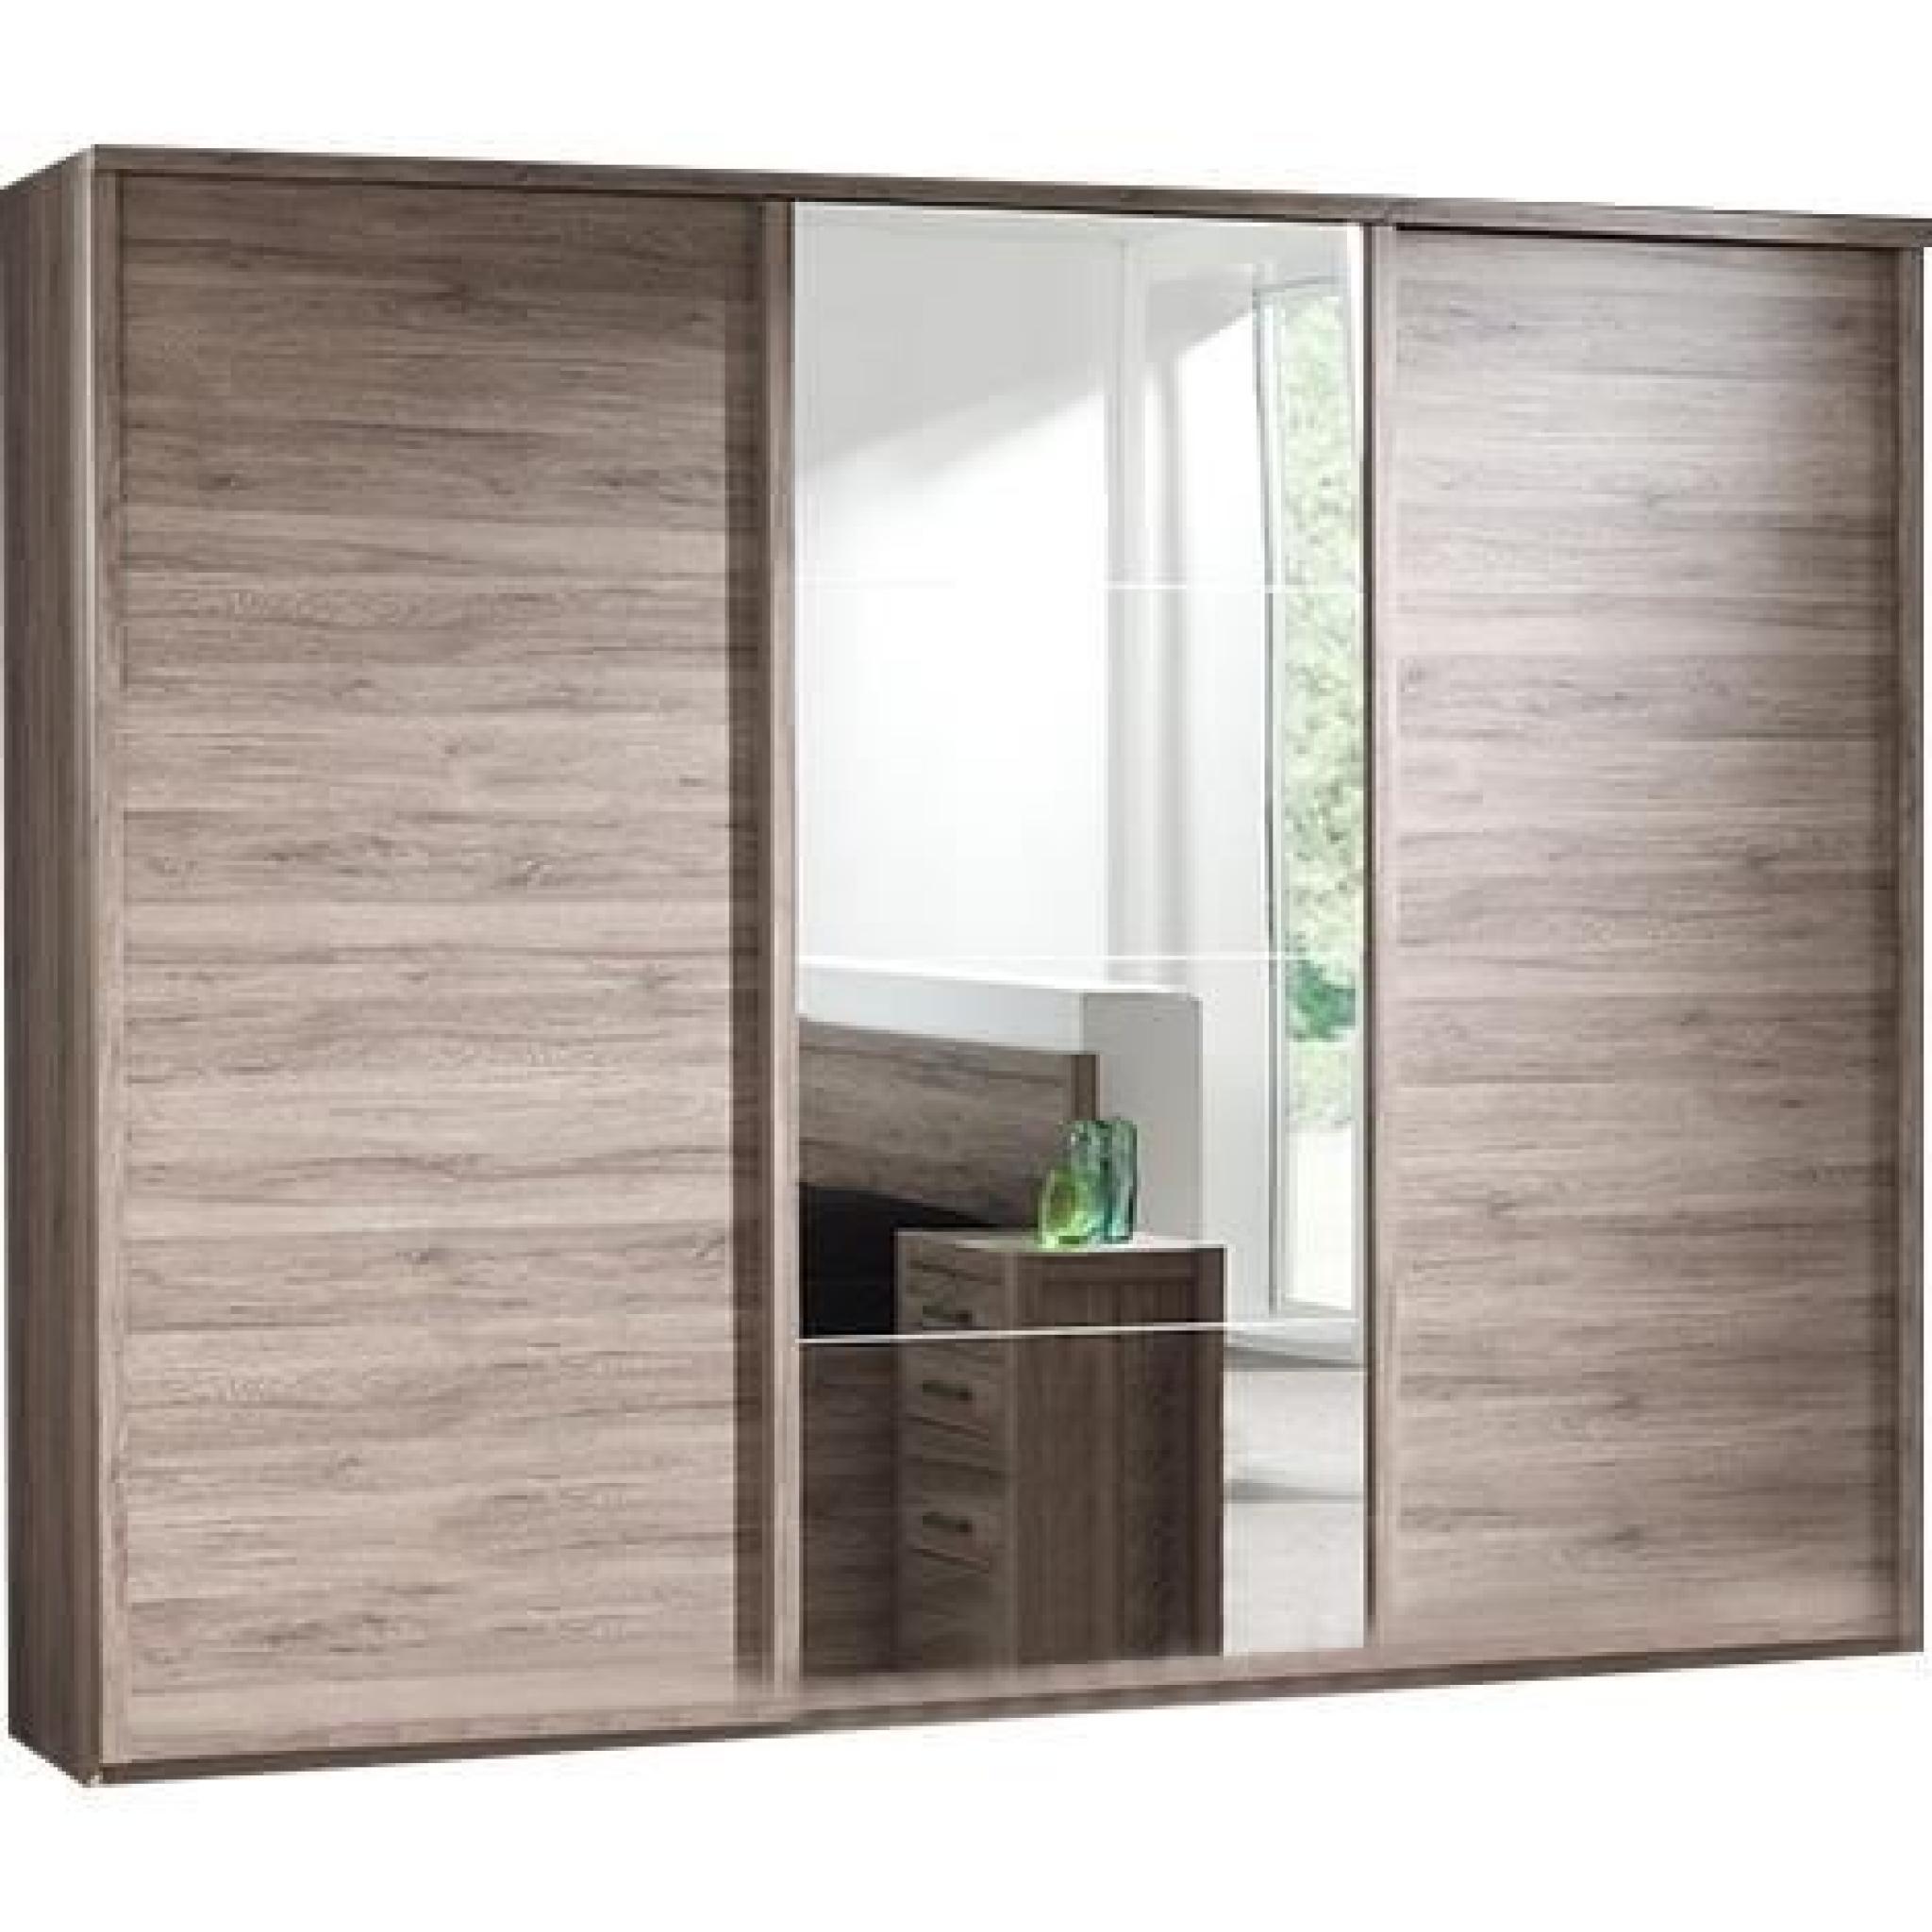 Armoire 280 cm 3 portes coulissante pour chambre adulte achat vente armoire de chambre pas - Armoire encastrable pour chambre ...